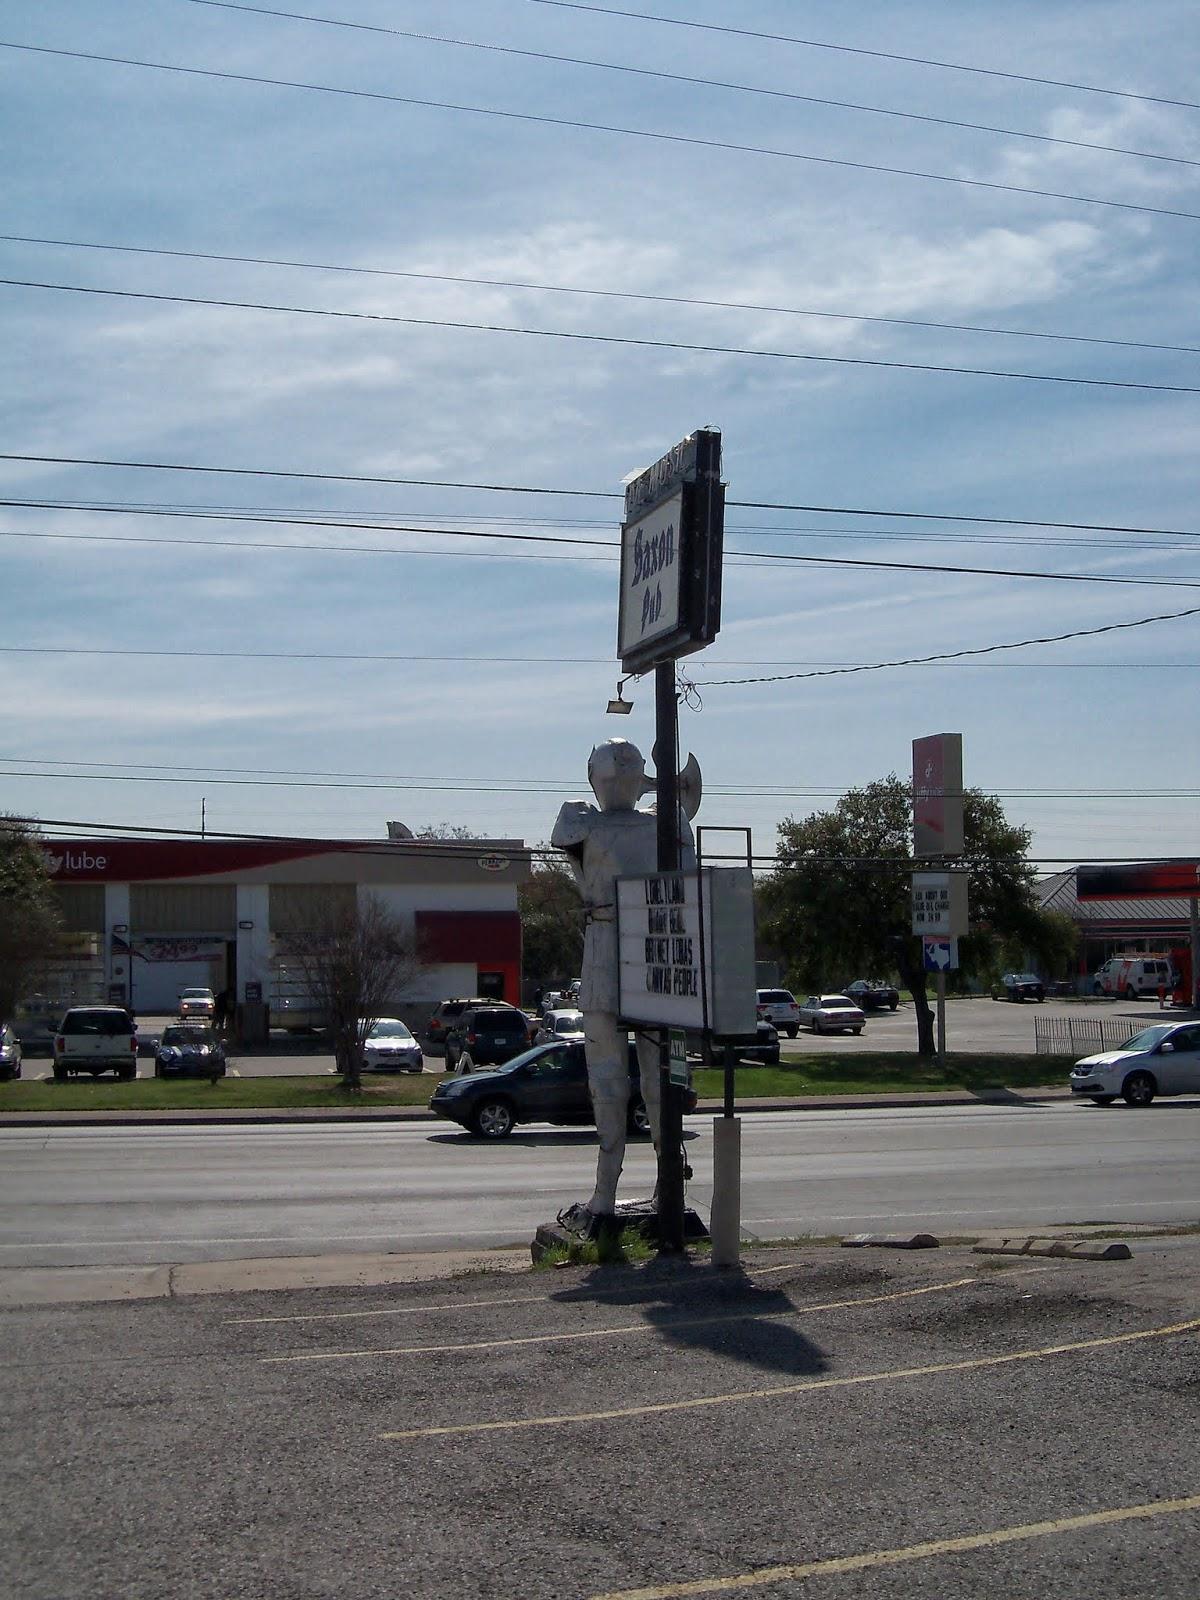 Austin, Texas for SXSWedu - 116_0887.JPG